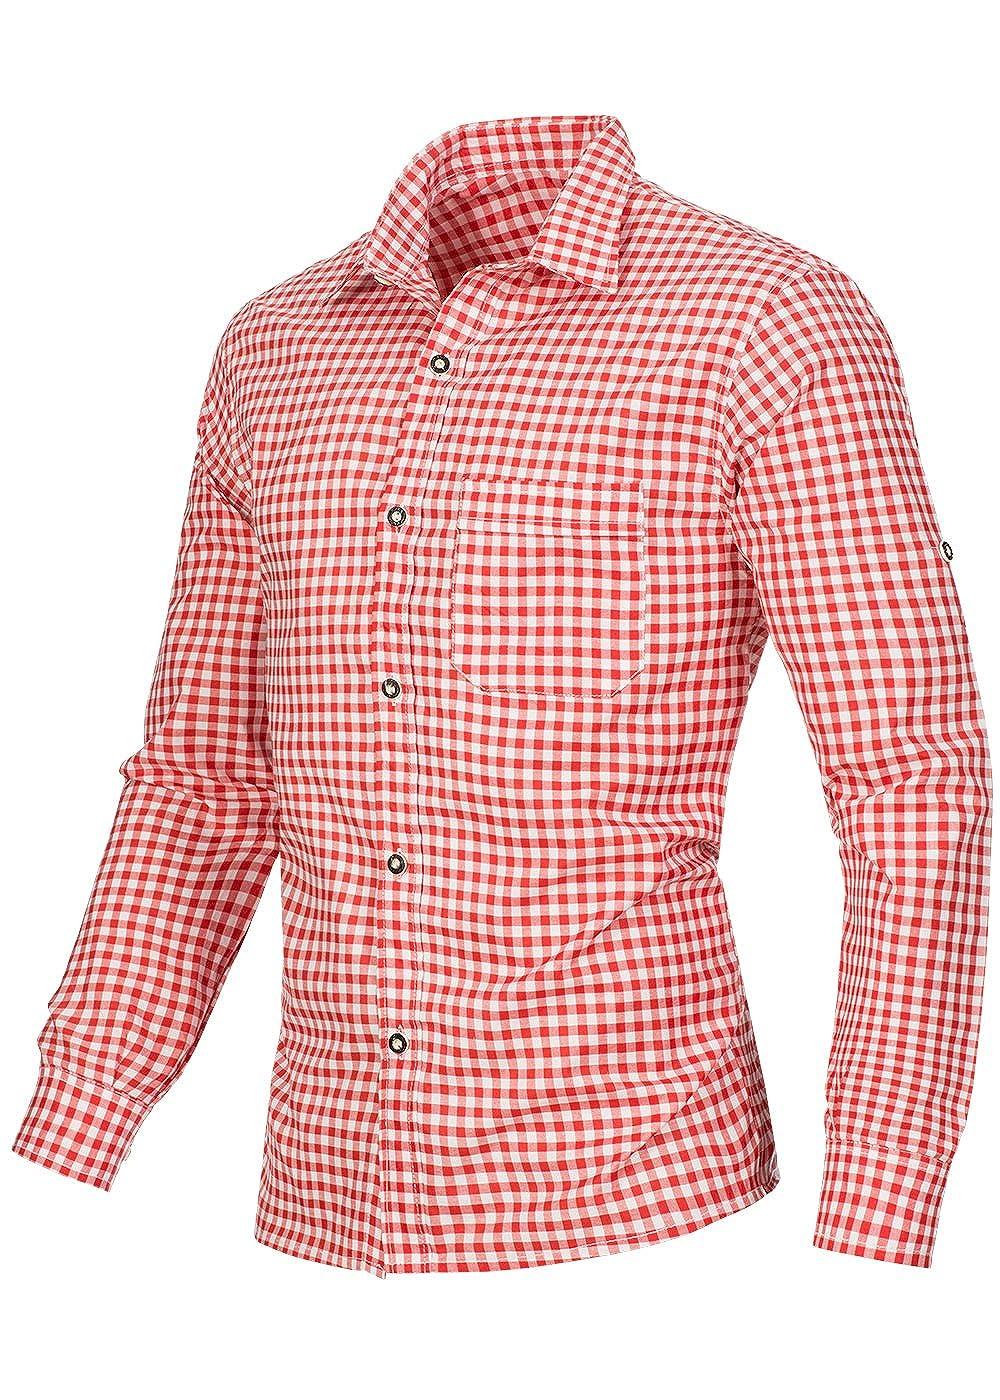 poignets avec boutons de manchette disponible dans 6/couleurs diff/érentes Chemise /à carreaux de costume traditionnel coupe ajust/ée